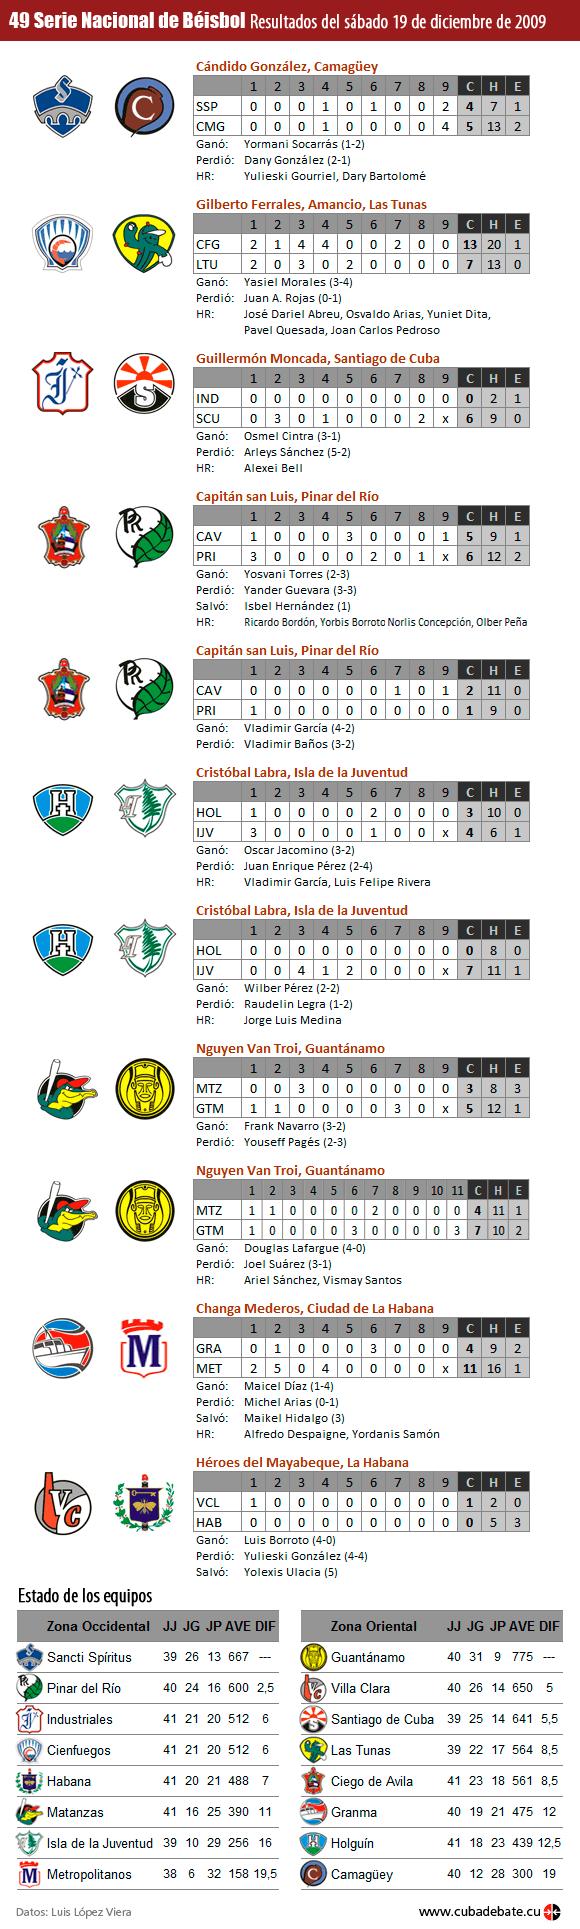 resultados-serie-beisbol-cuba-20091219